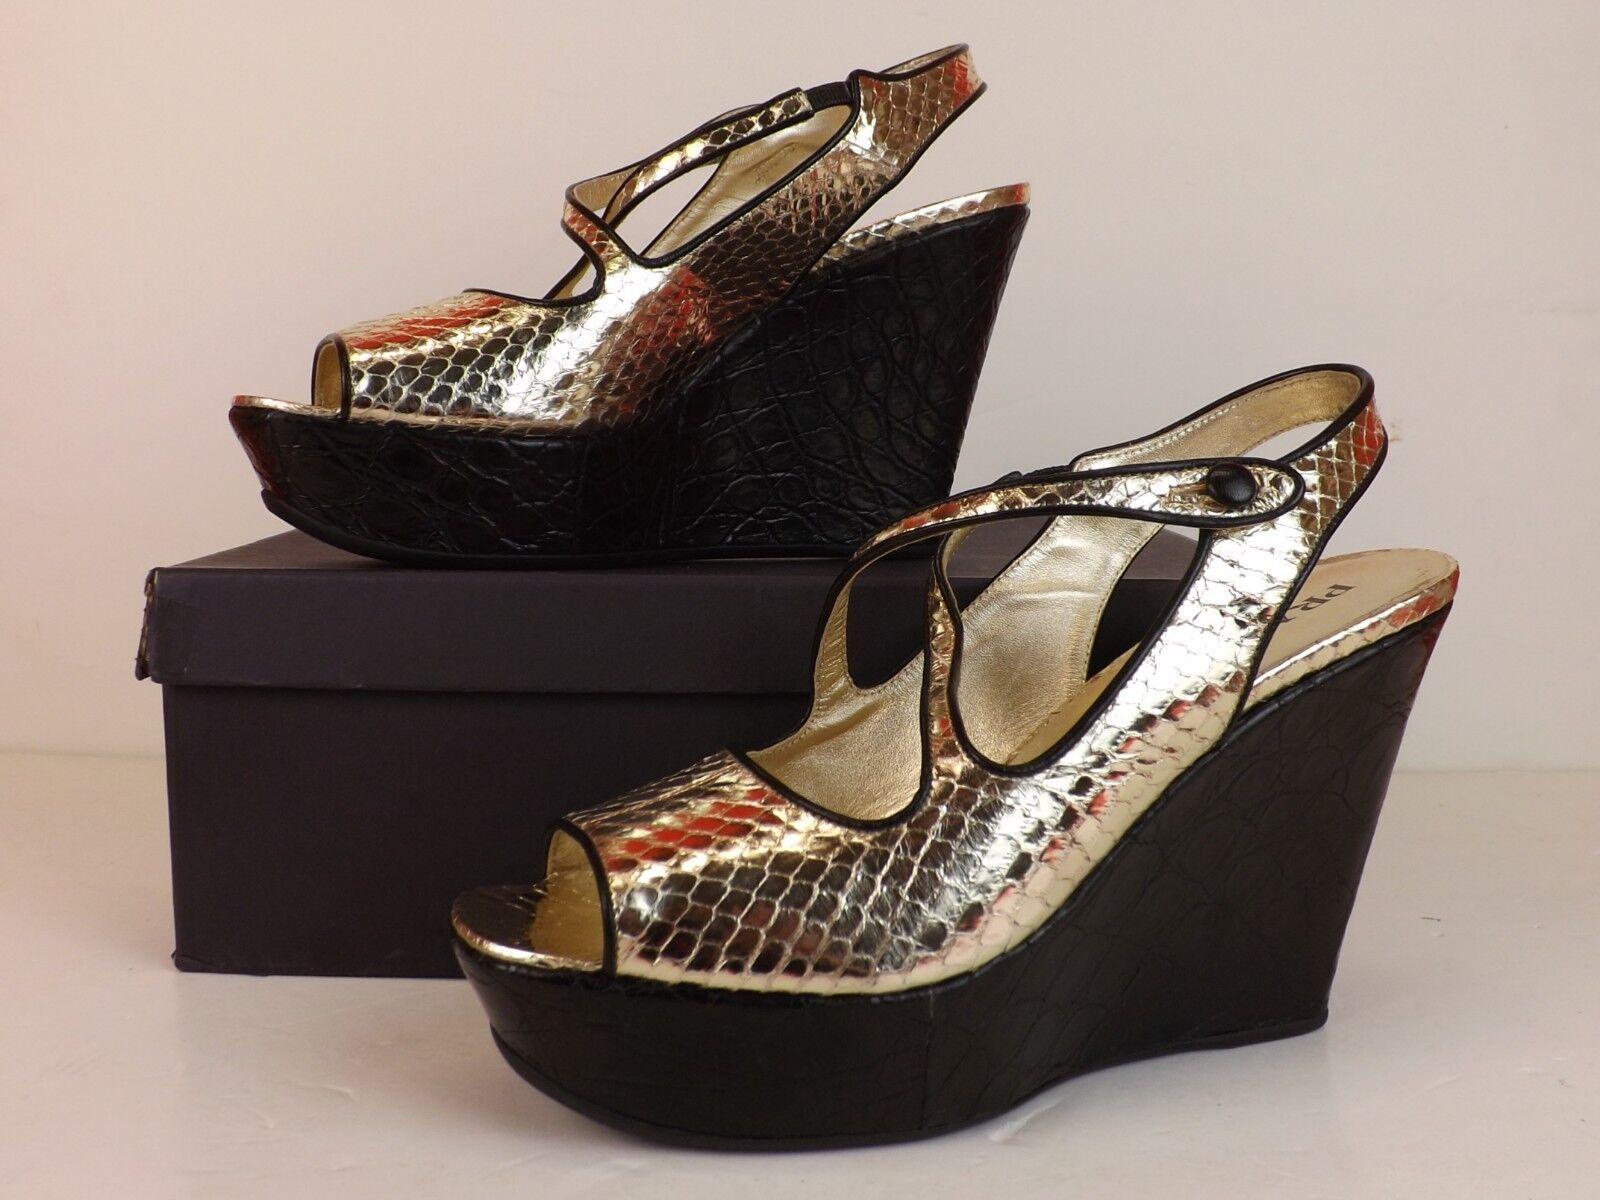 Nuevo En Caja Prada Prada Prada Lite oro Serpiente Diseño De Cuero Negro Tacón Con Plataforma Sandalias De Plataforma 39.5  elige tu favorito